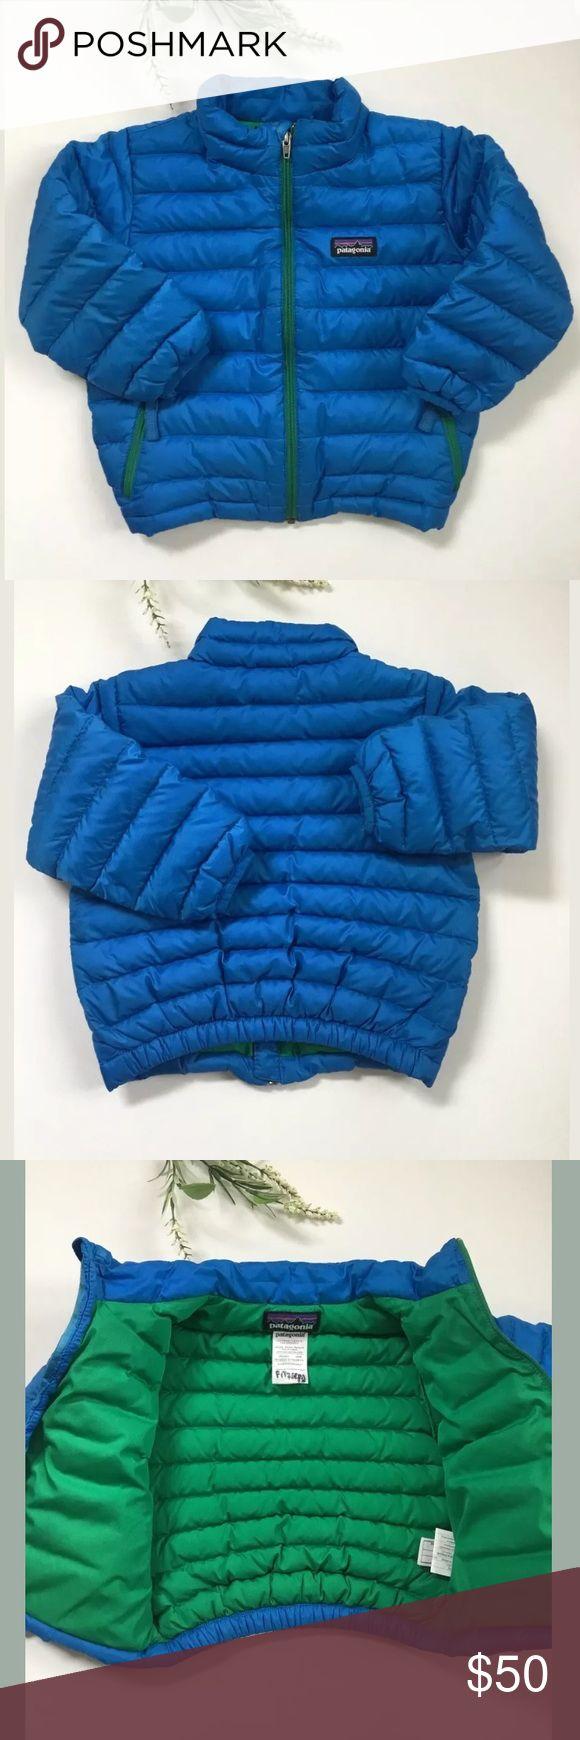 Patagonia Baby Kids Boys Puffer Blue Down Jacket Patagonia